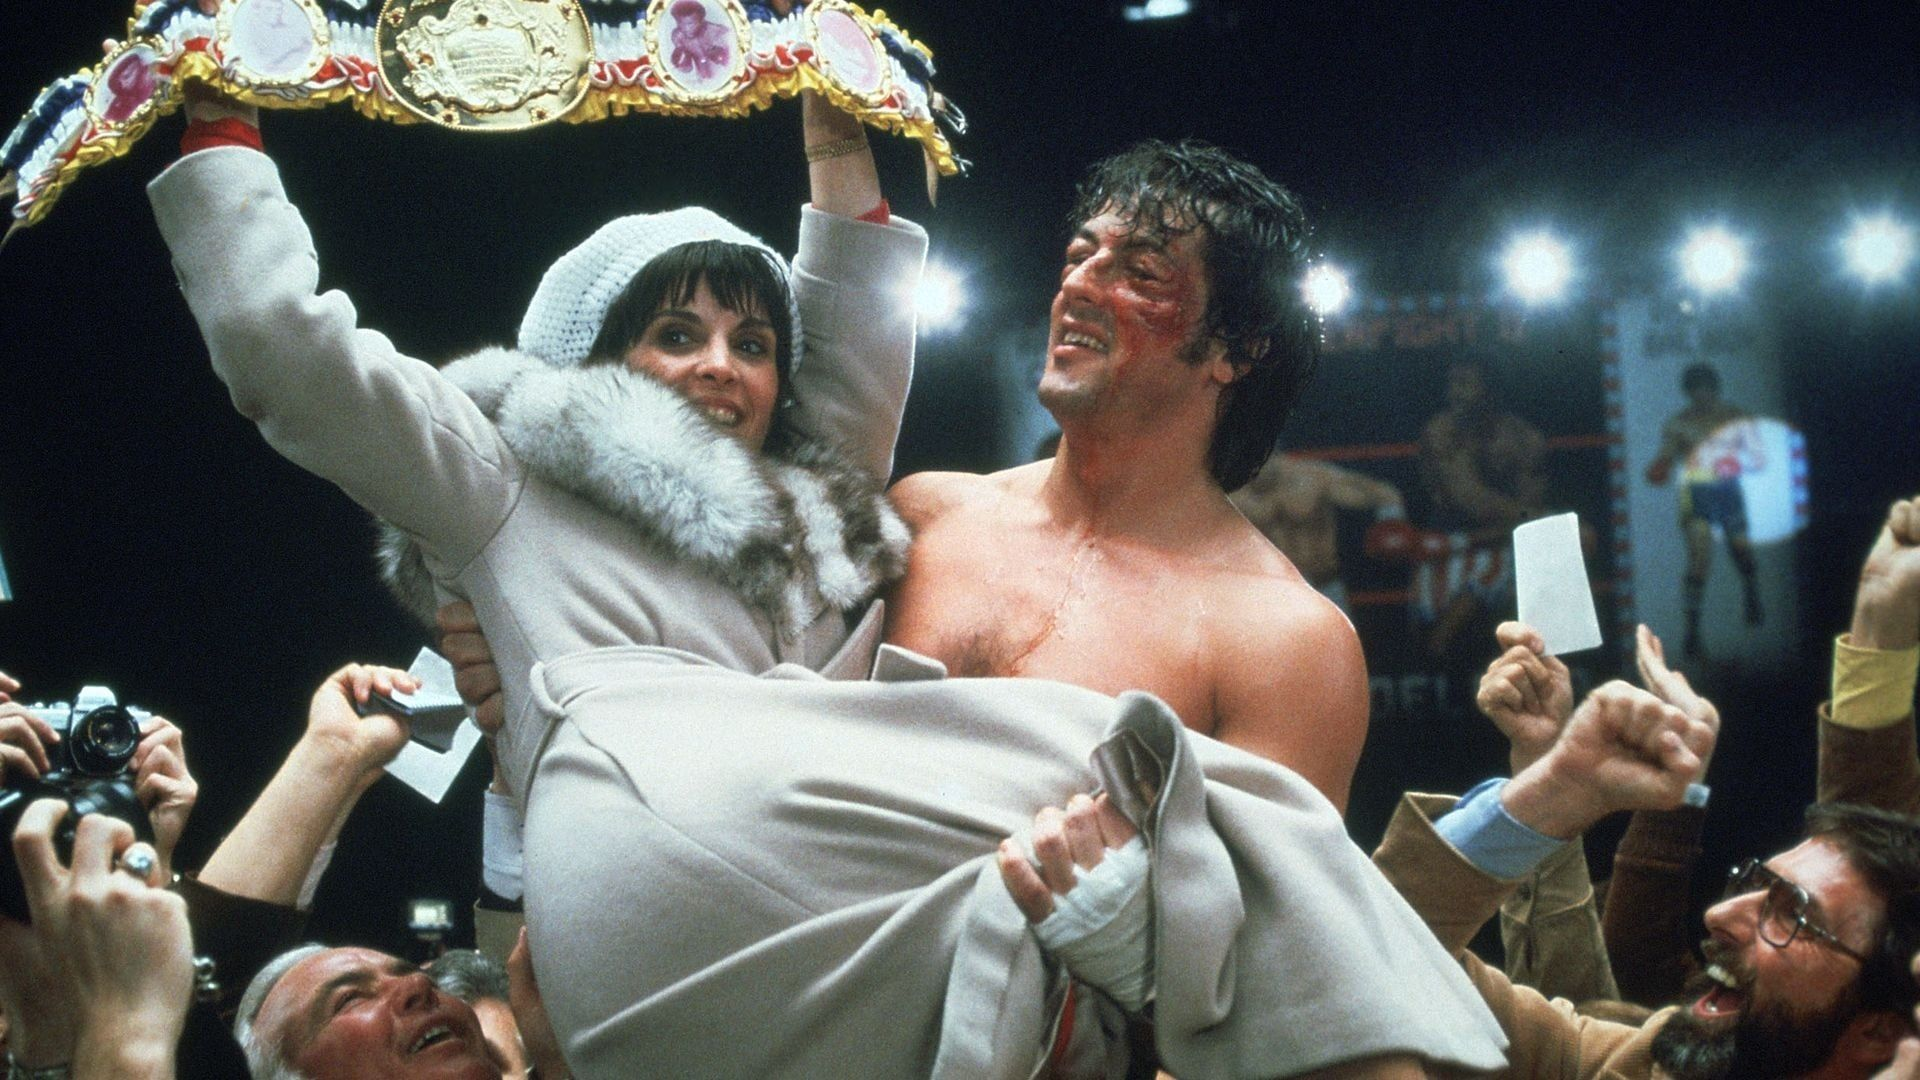 Rocky 1976 Streaming Ita Cb01 Film Completo Italiano Altadefinizione Rocky Balboa Vivacchia A Filadelfia Riscuotendo Rocky Balboa Rocky Ii Sylvester Stallone